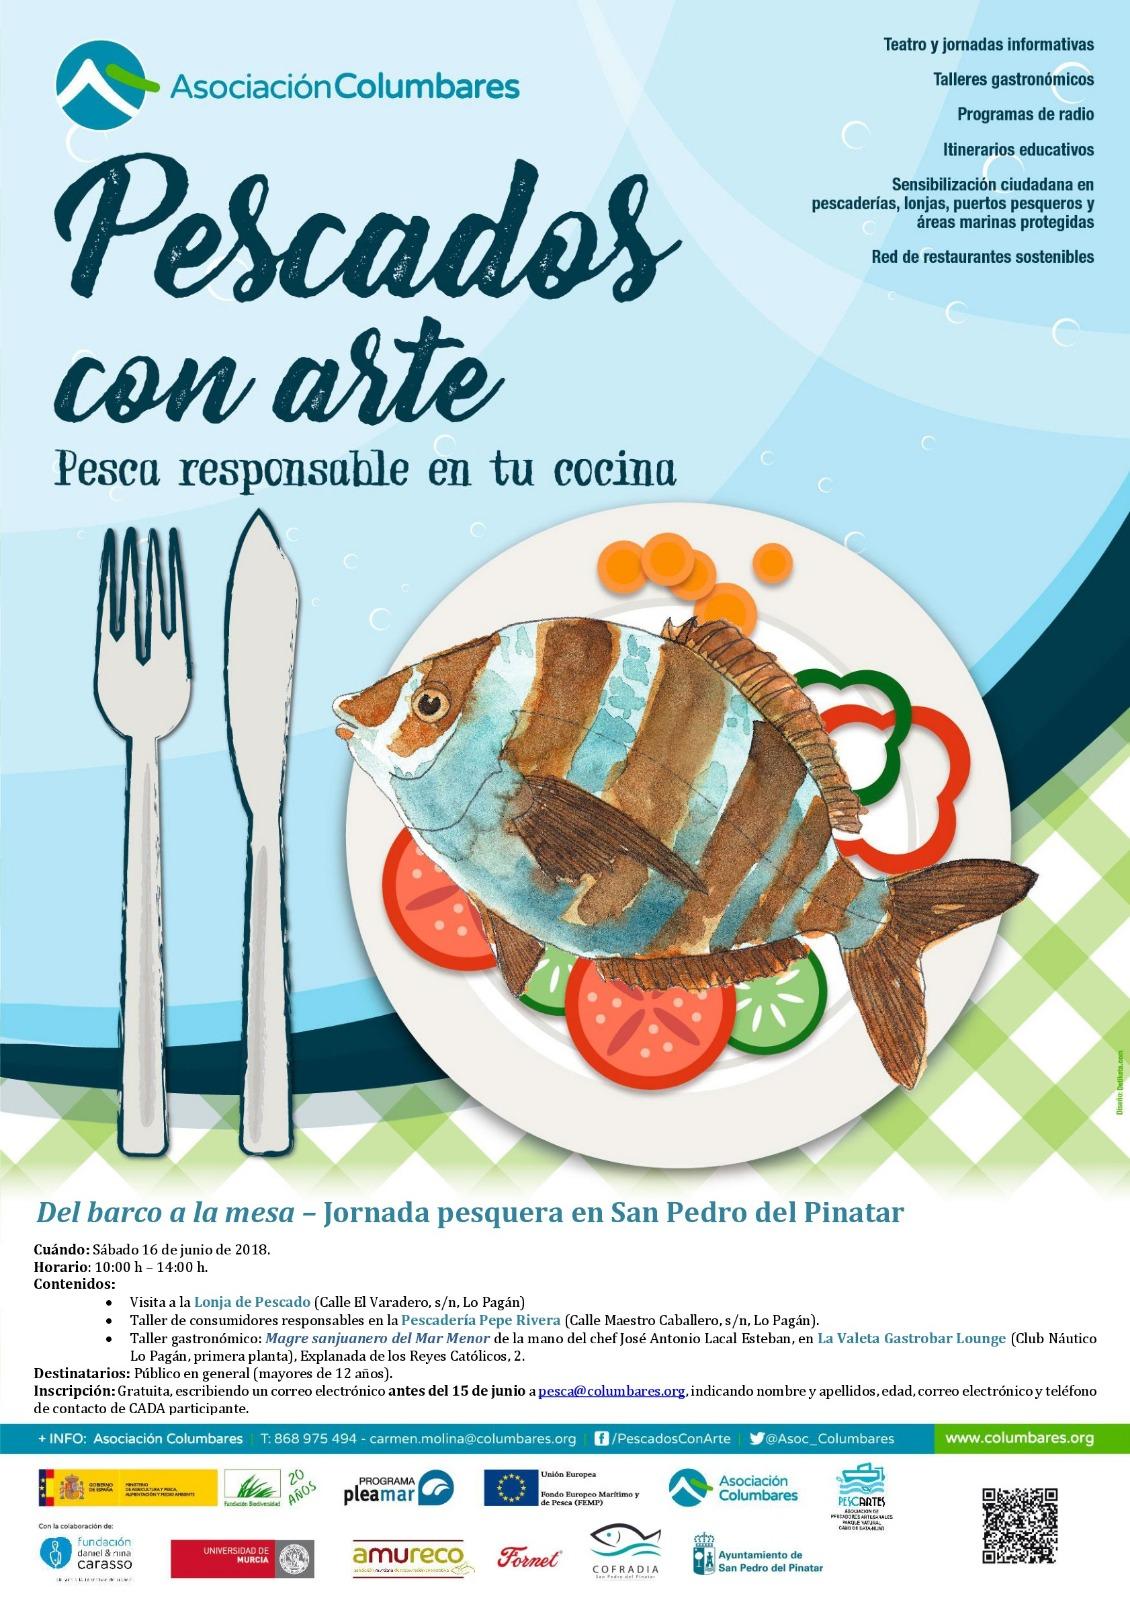 Jornada pesquera 'Del barco a la mesa', con Asociación Columbares